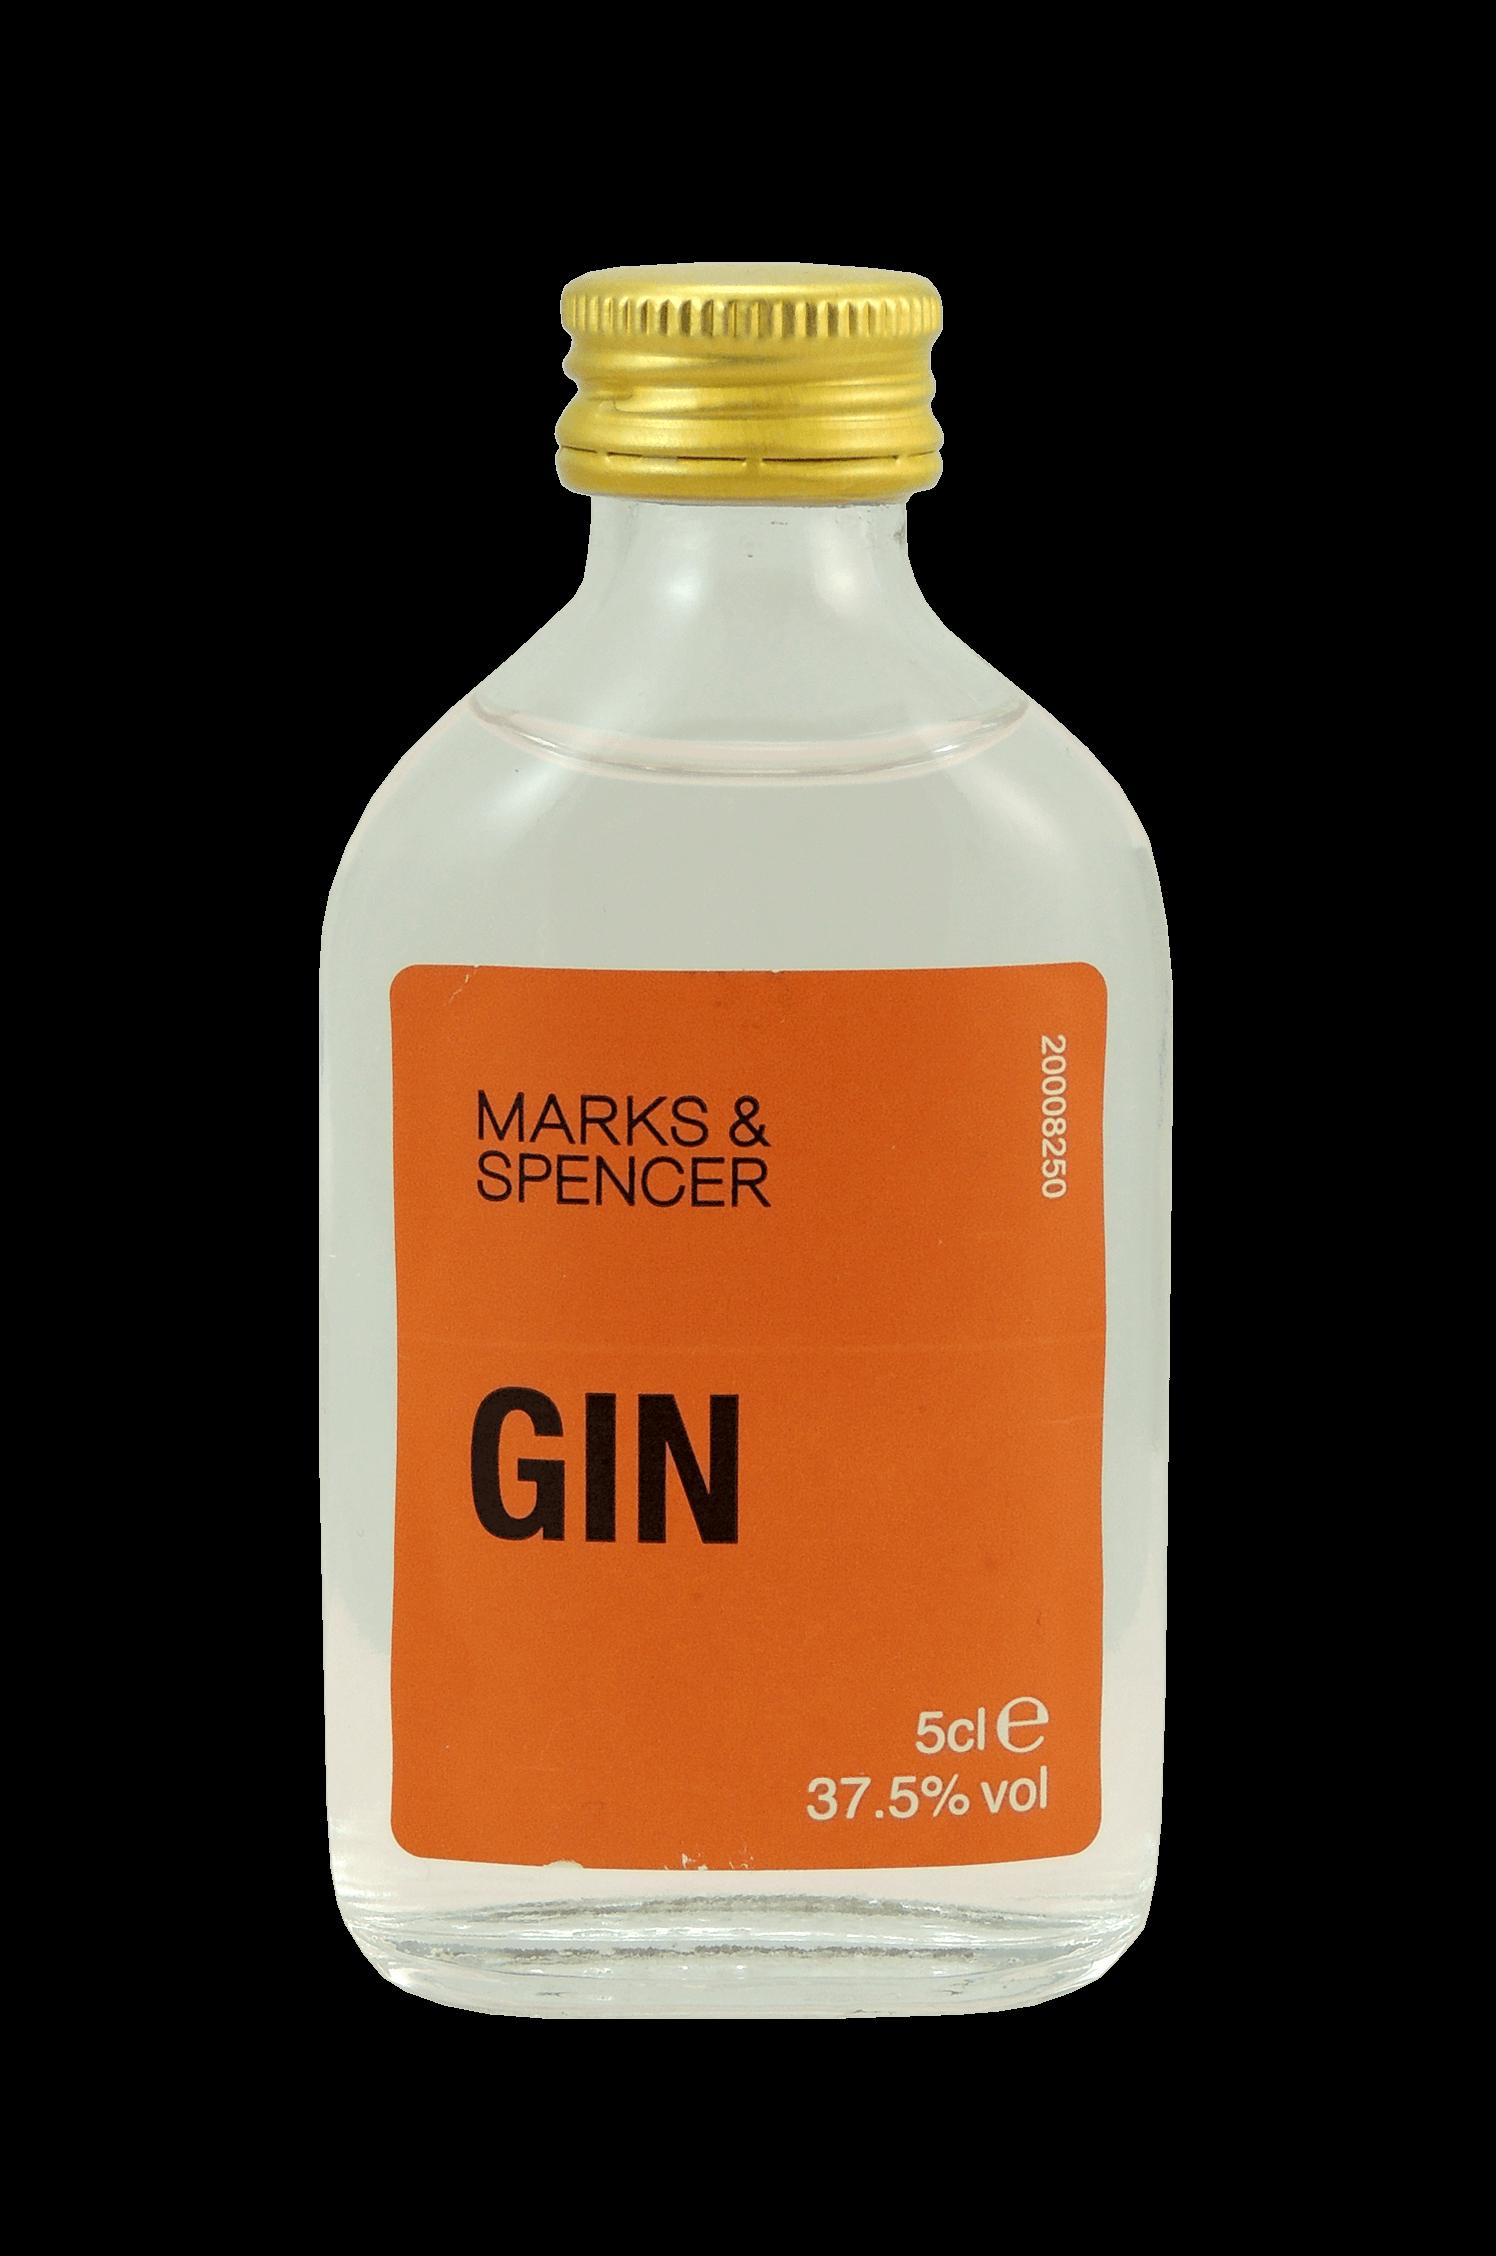 Gin Marks & Spencer